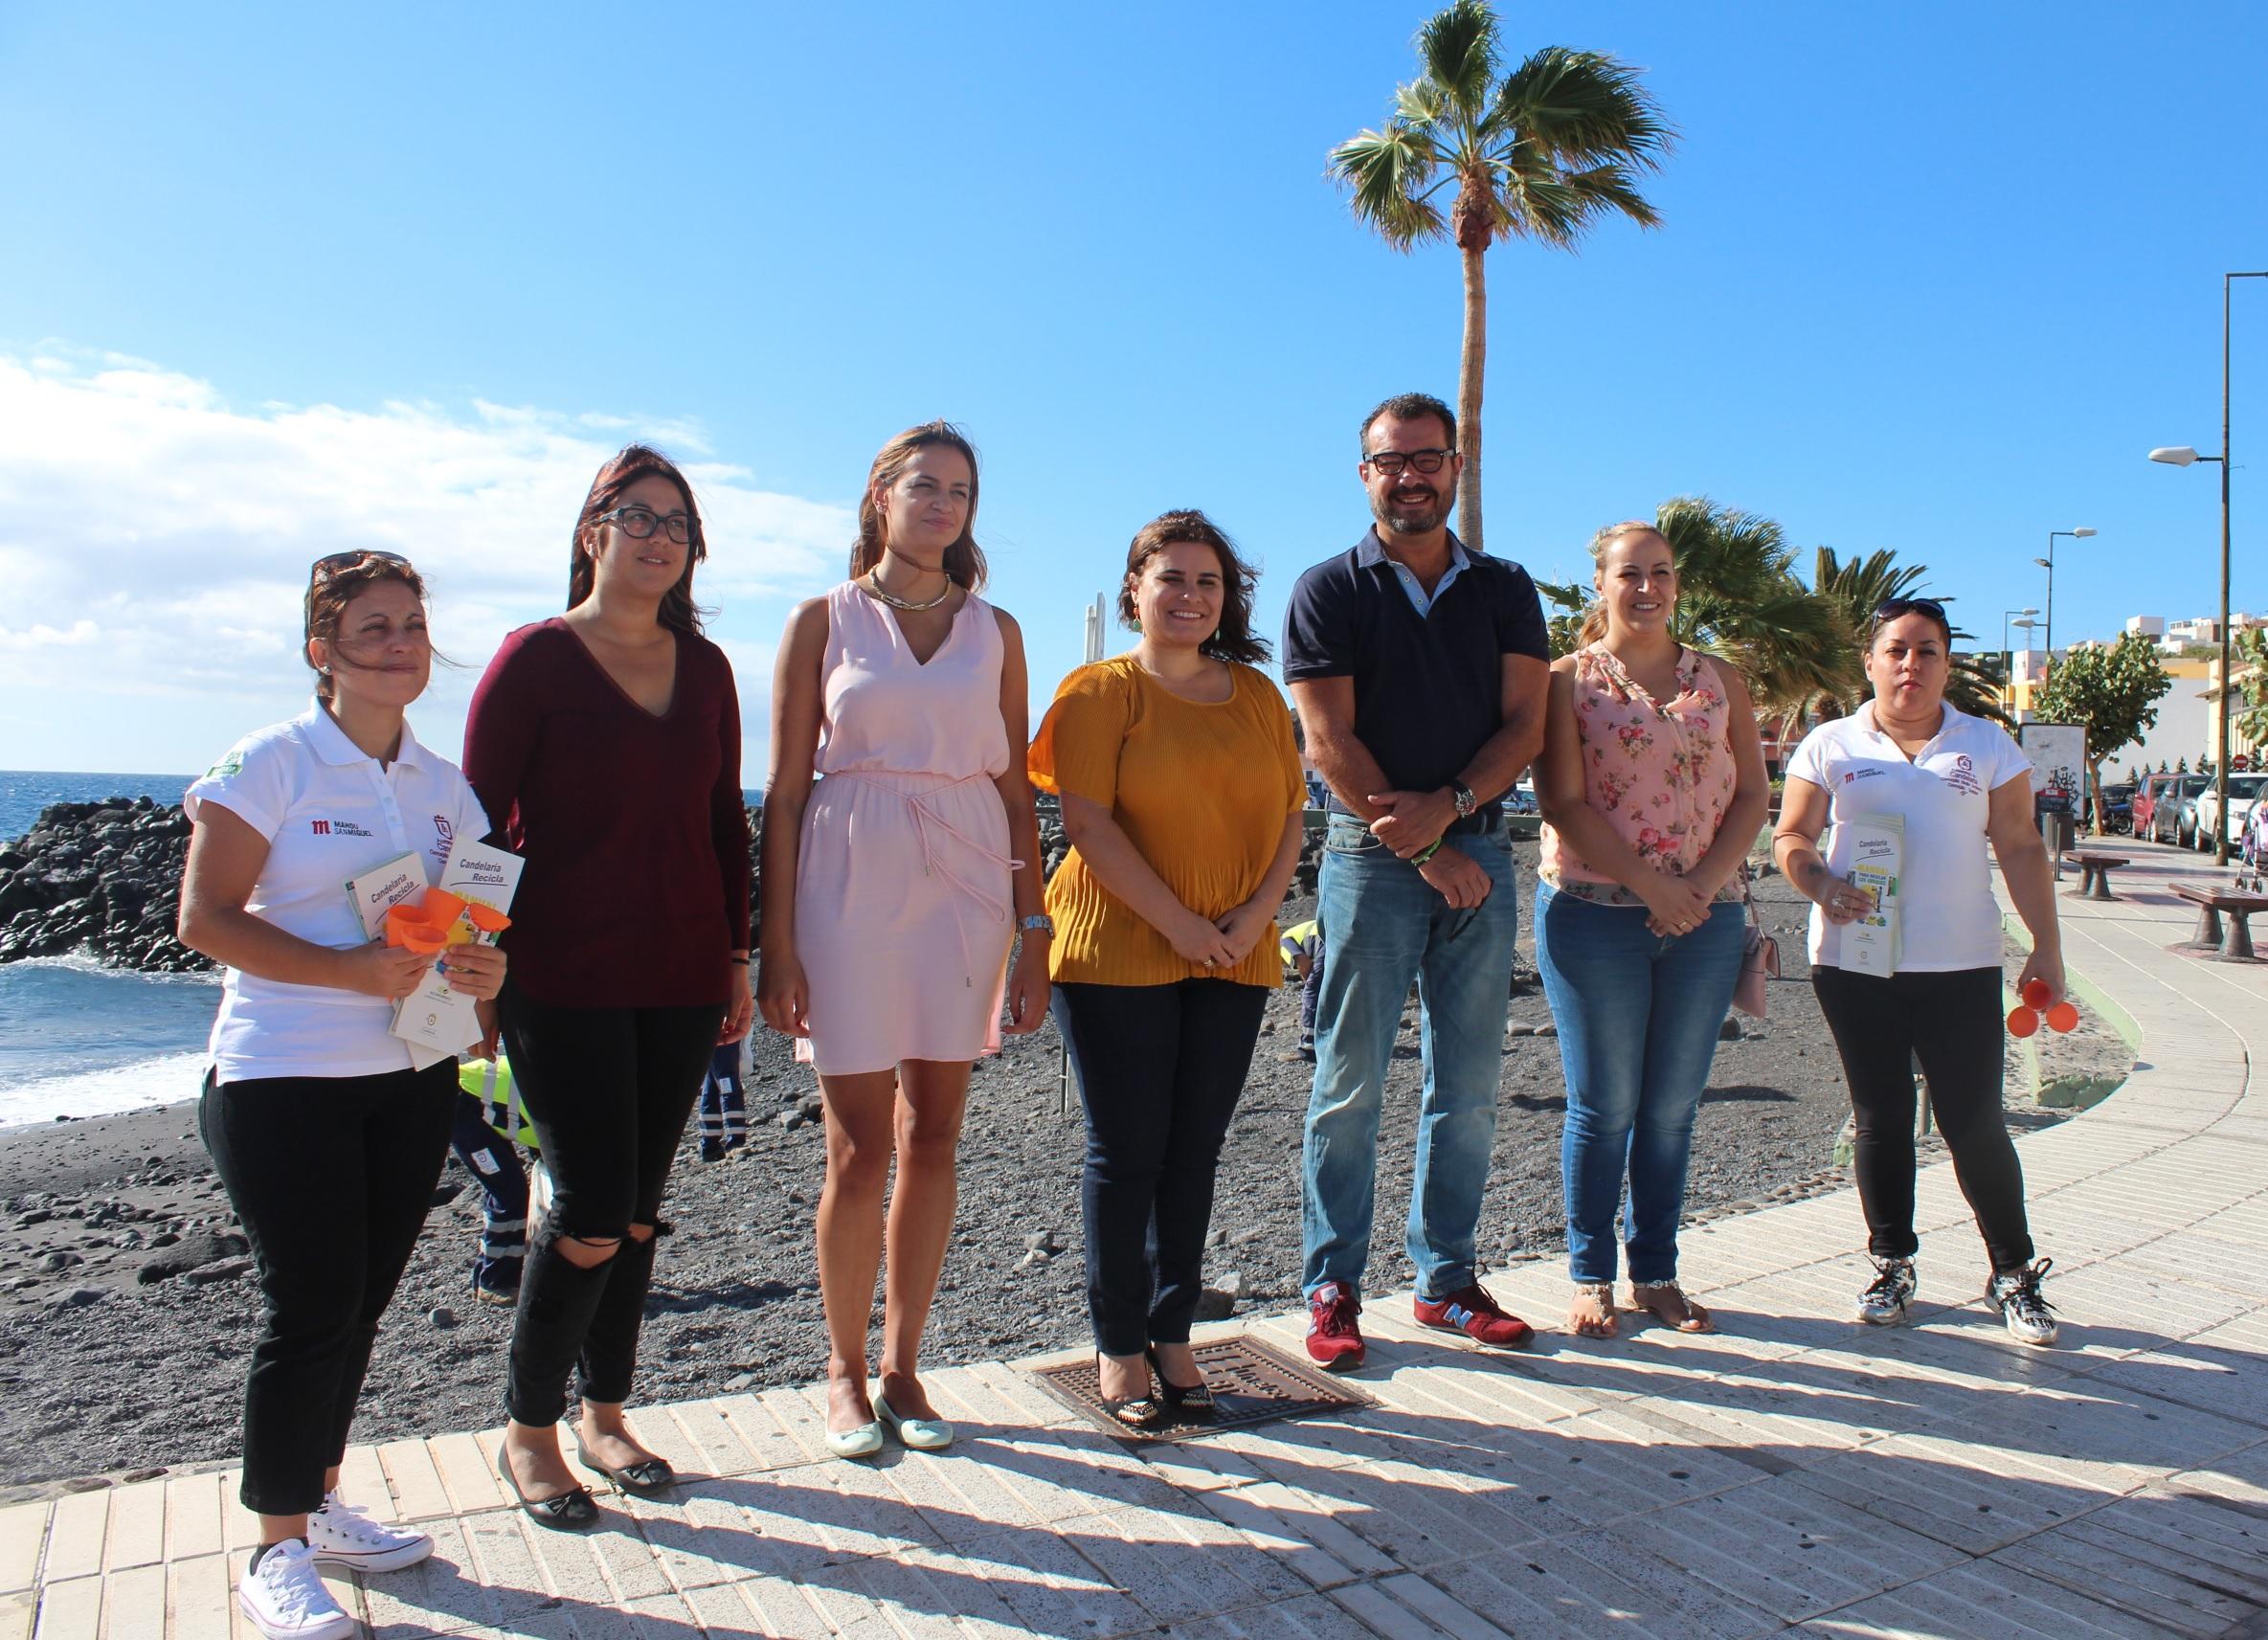 playas-limpias_2016-rafa-y-alcaldesa-de-candelaria-maria-concepcion-brito